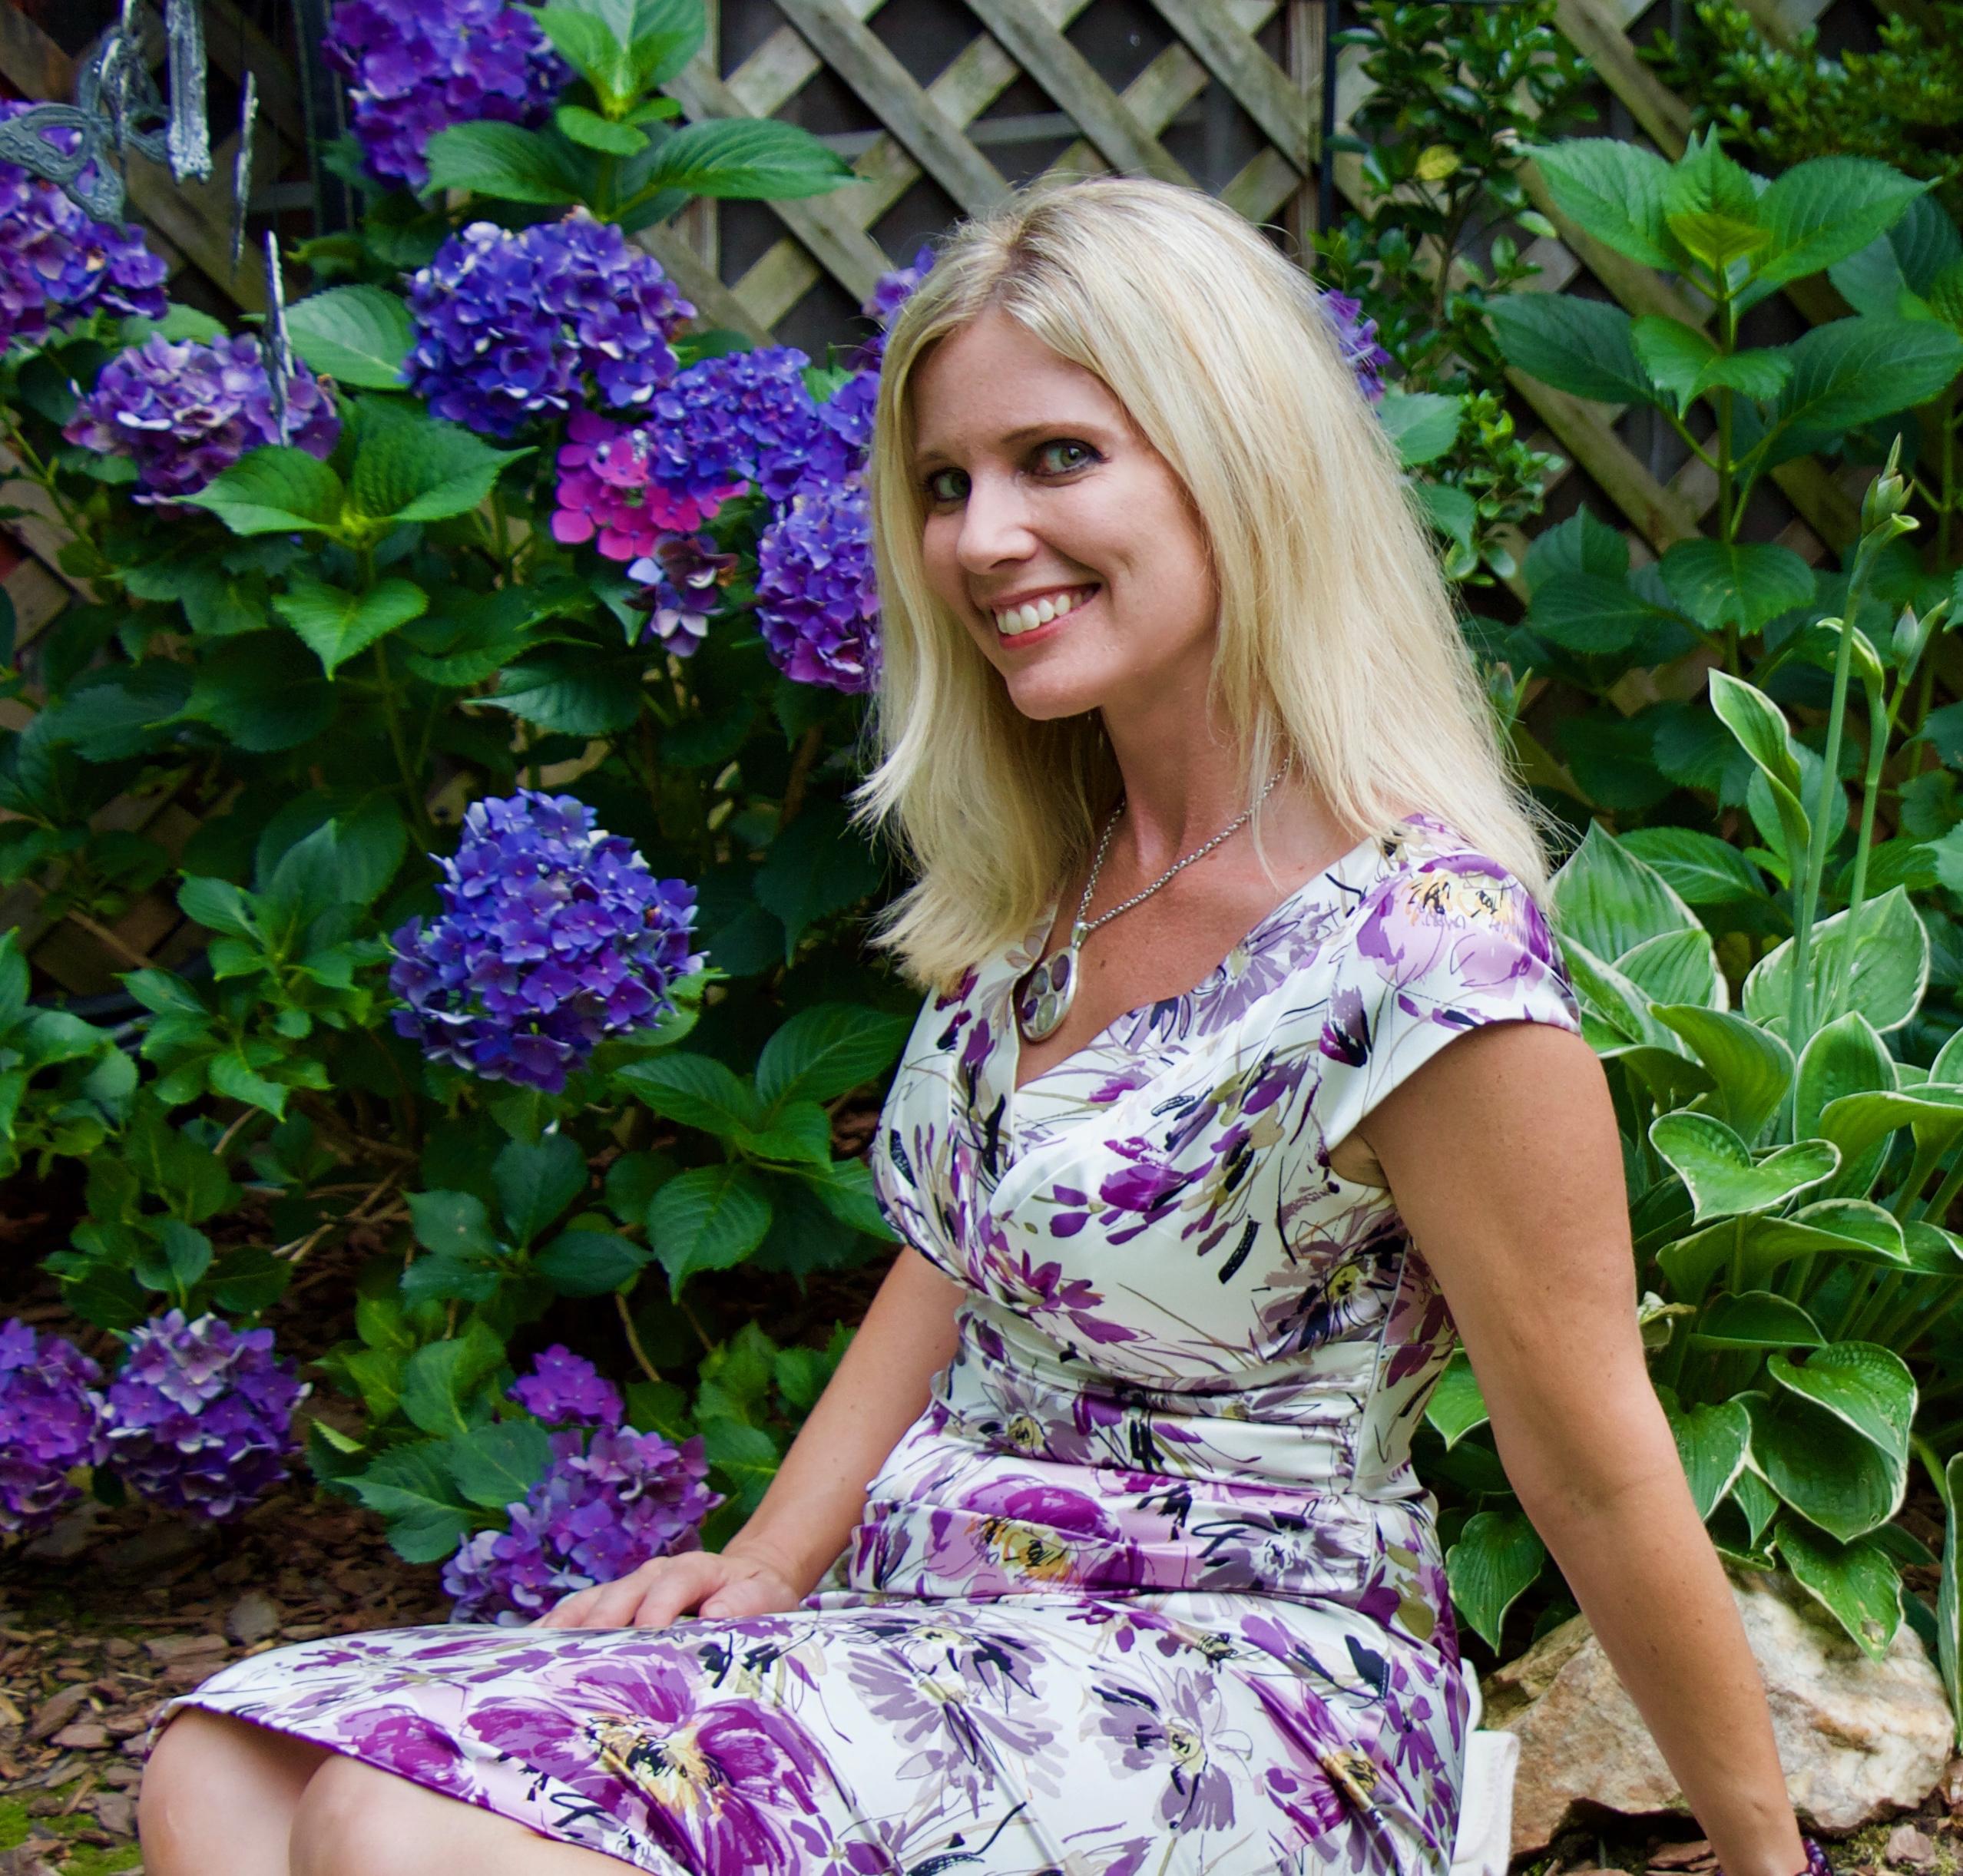 amanda-bledsoe-king-lavenderbelledesign.jpg